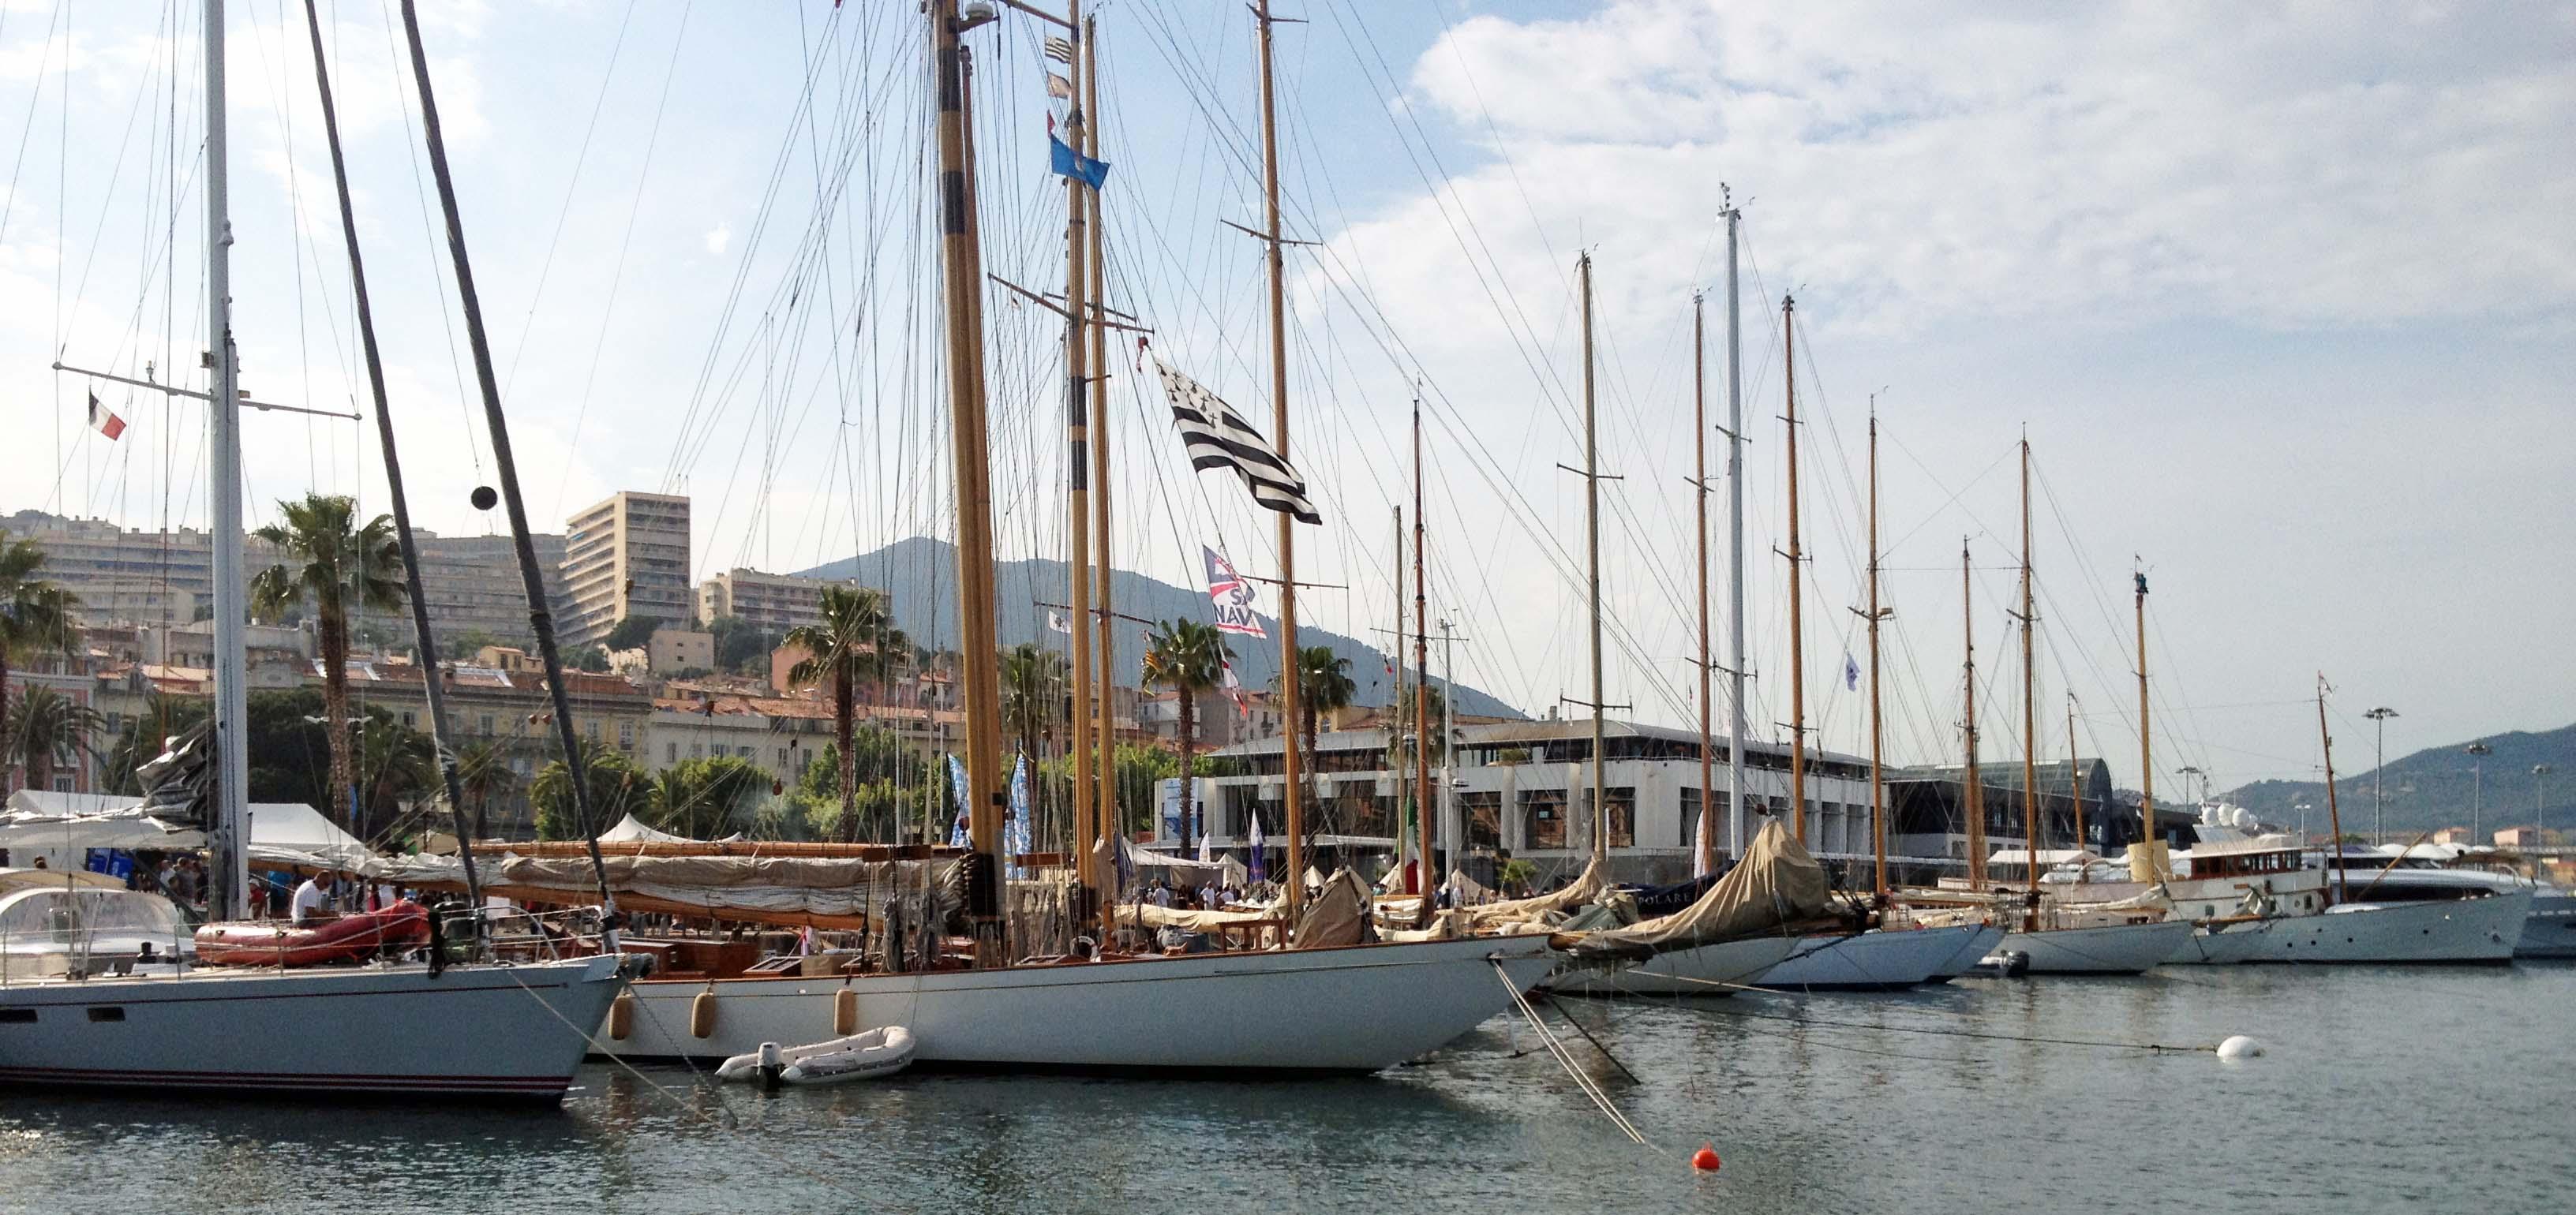 Ajaccio port Tino Rossi photo Thibaud Assante DR